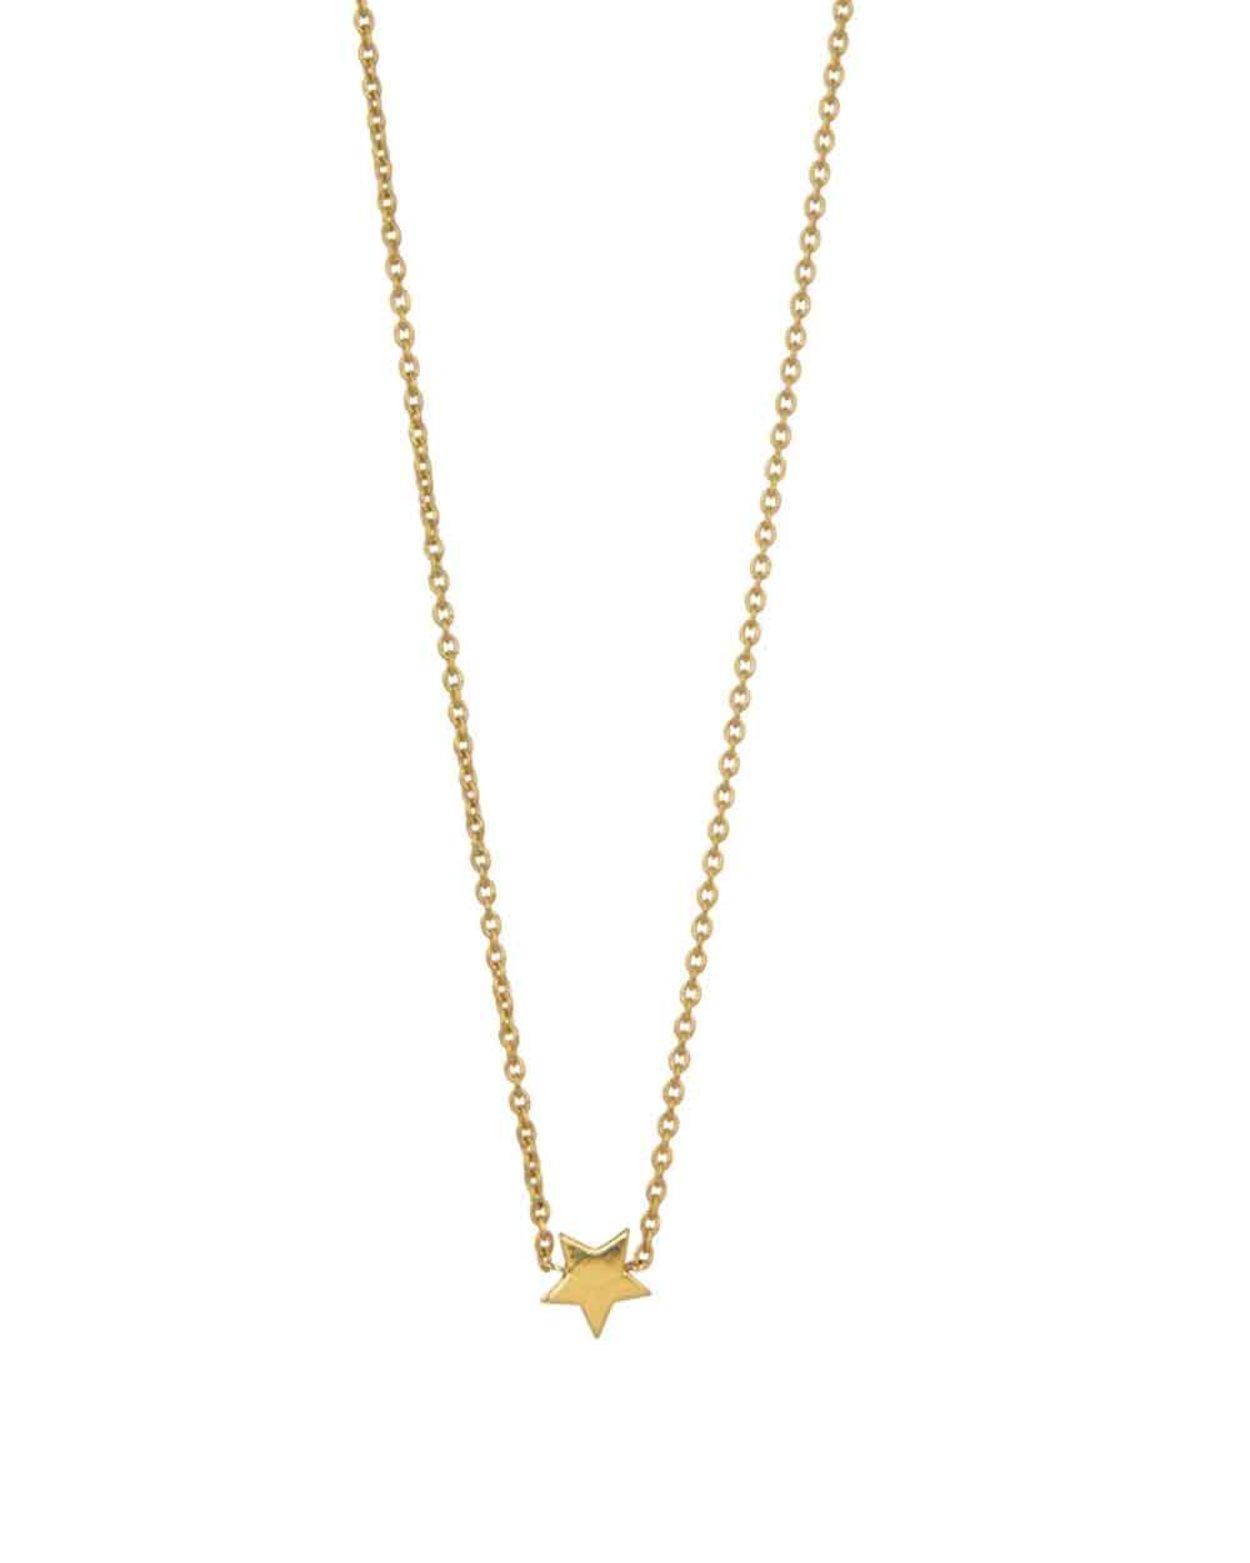 9kt Gold Floating Star Necklace